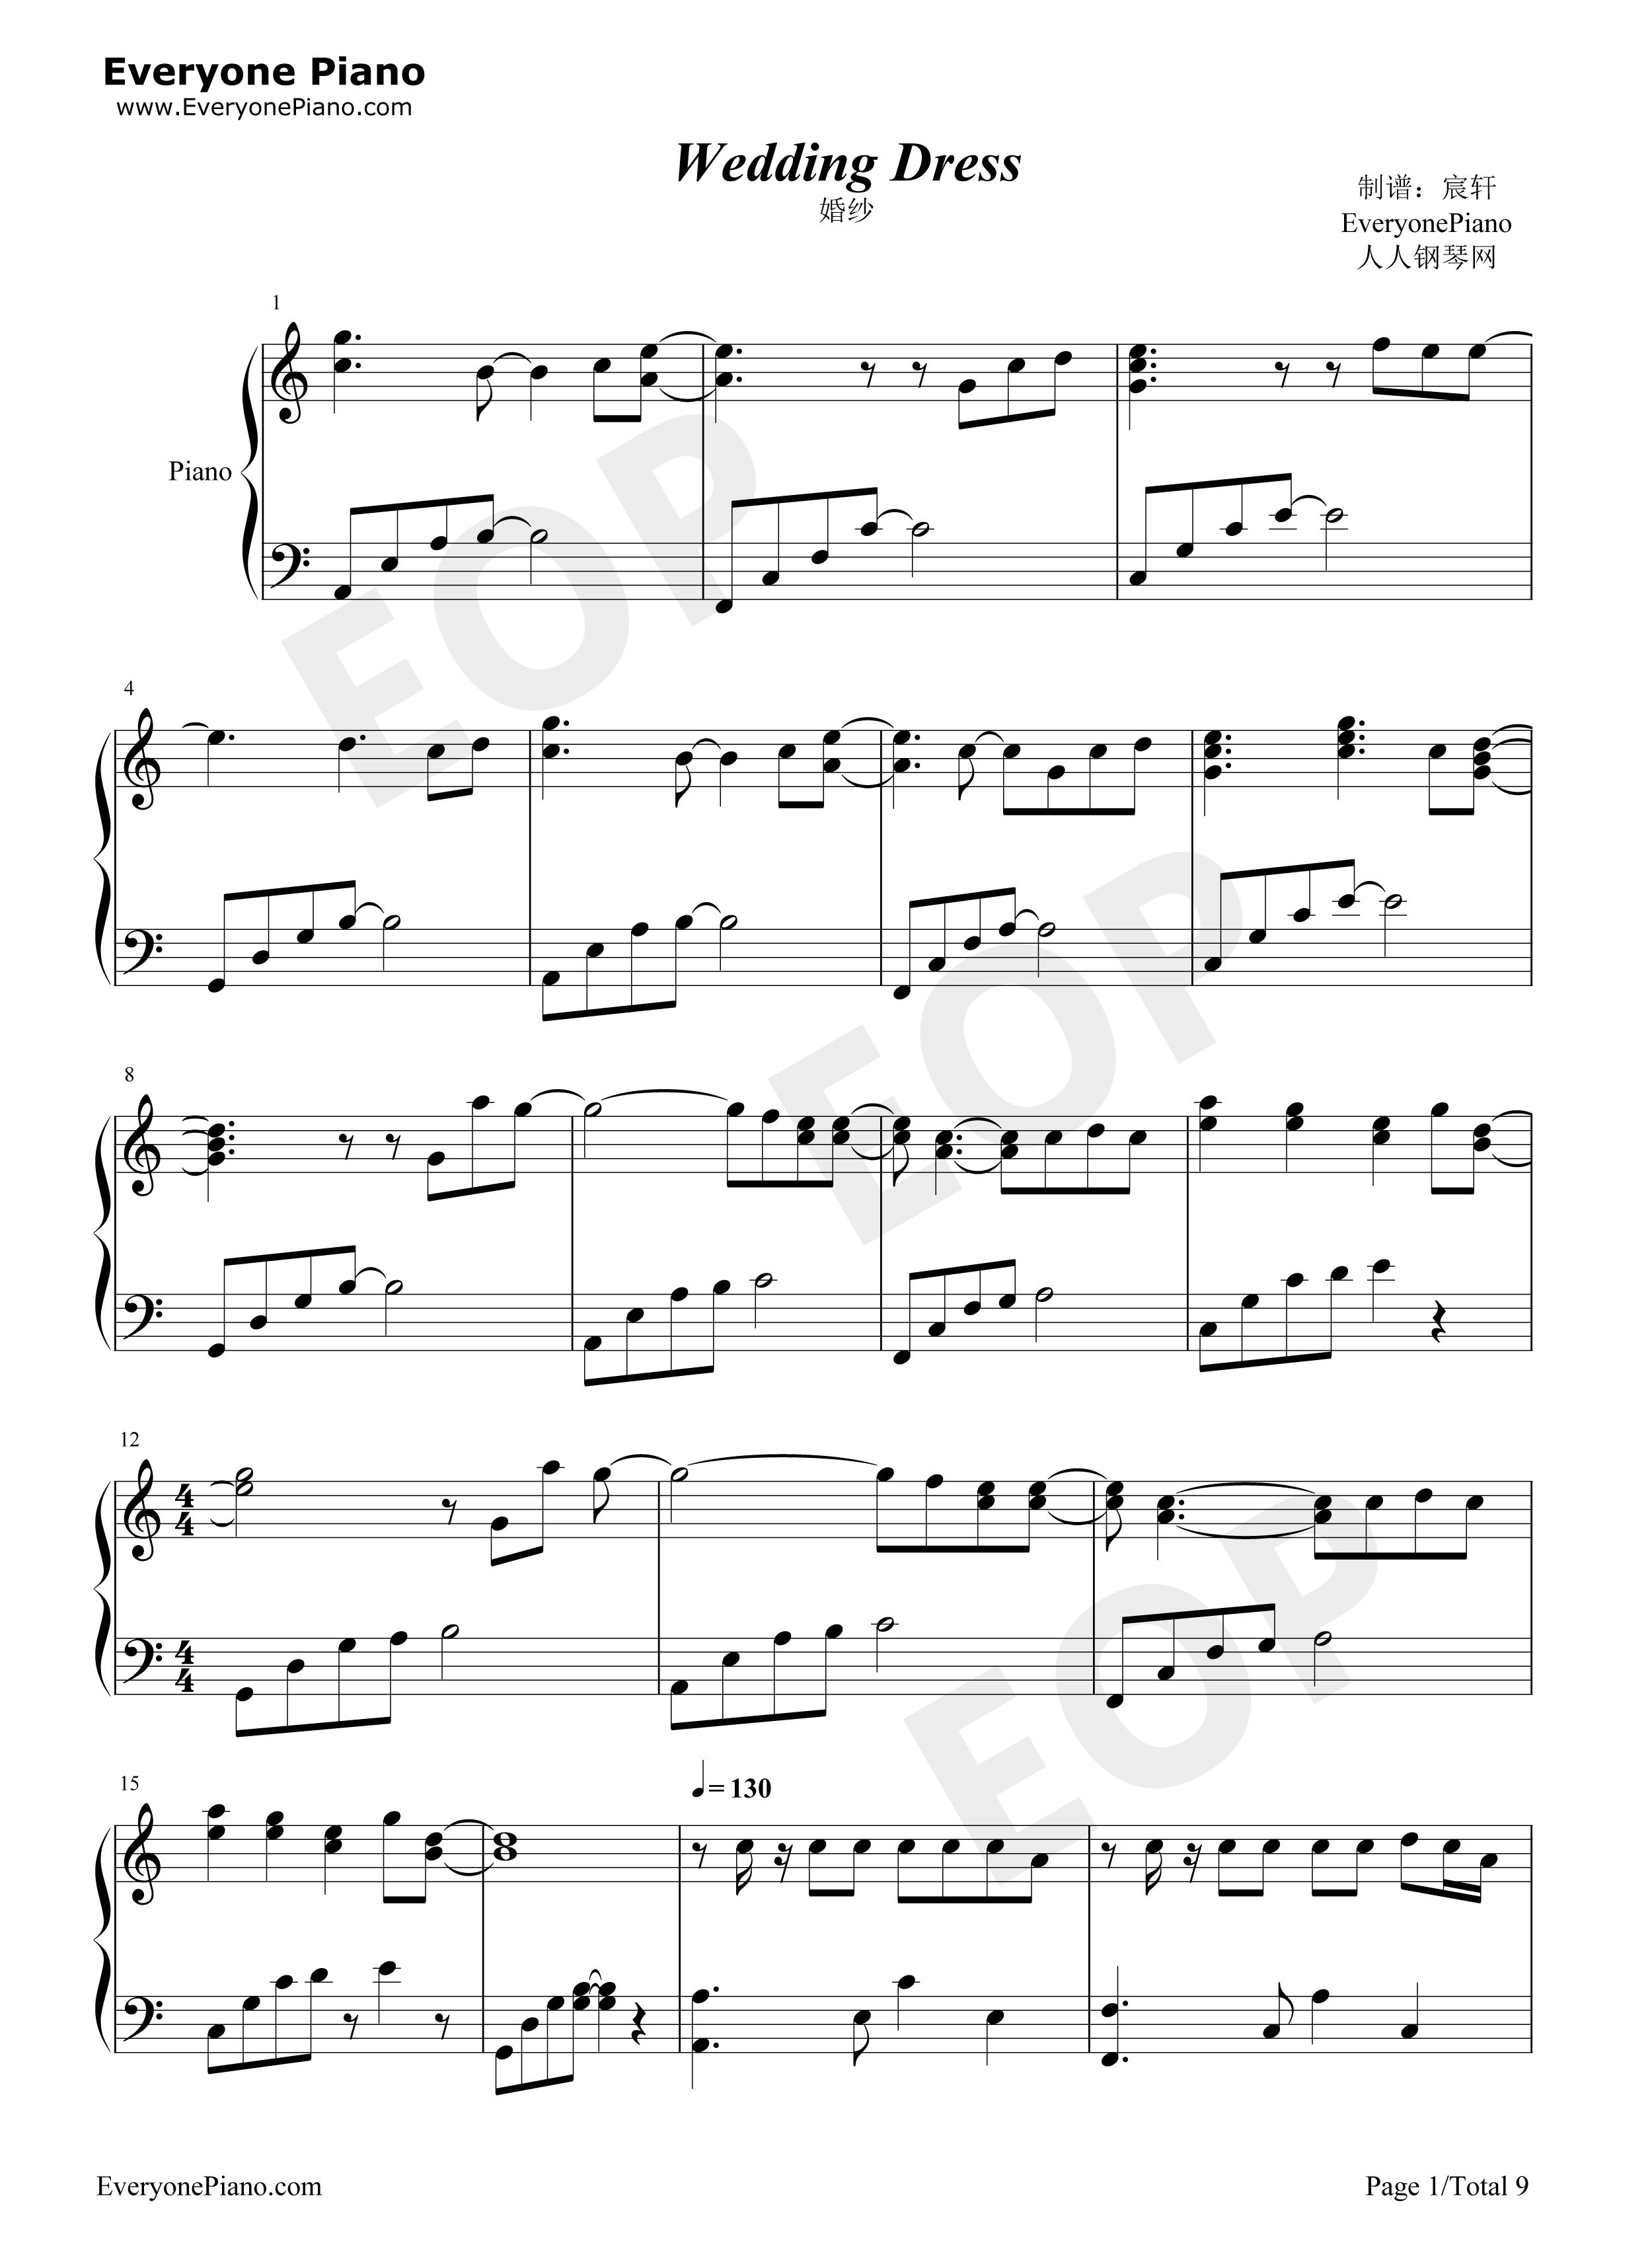 ウェディングドレス 楽譜